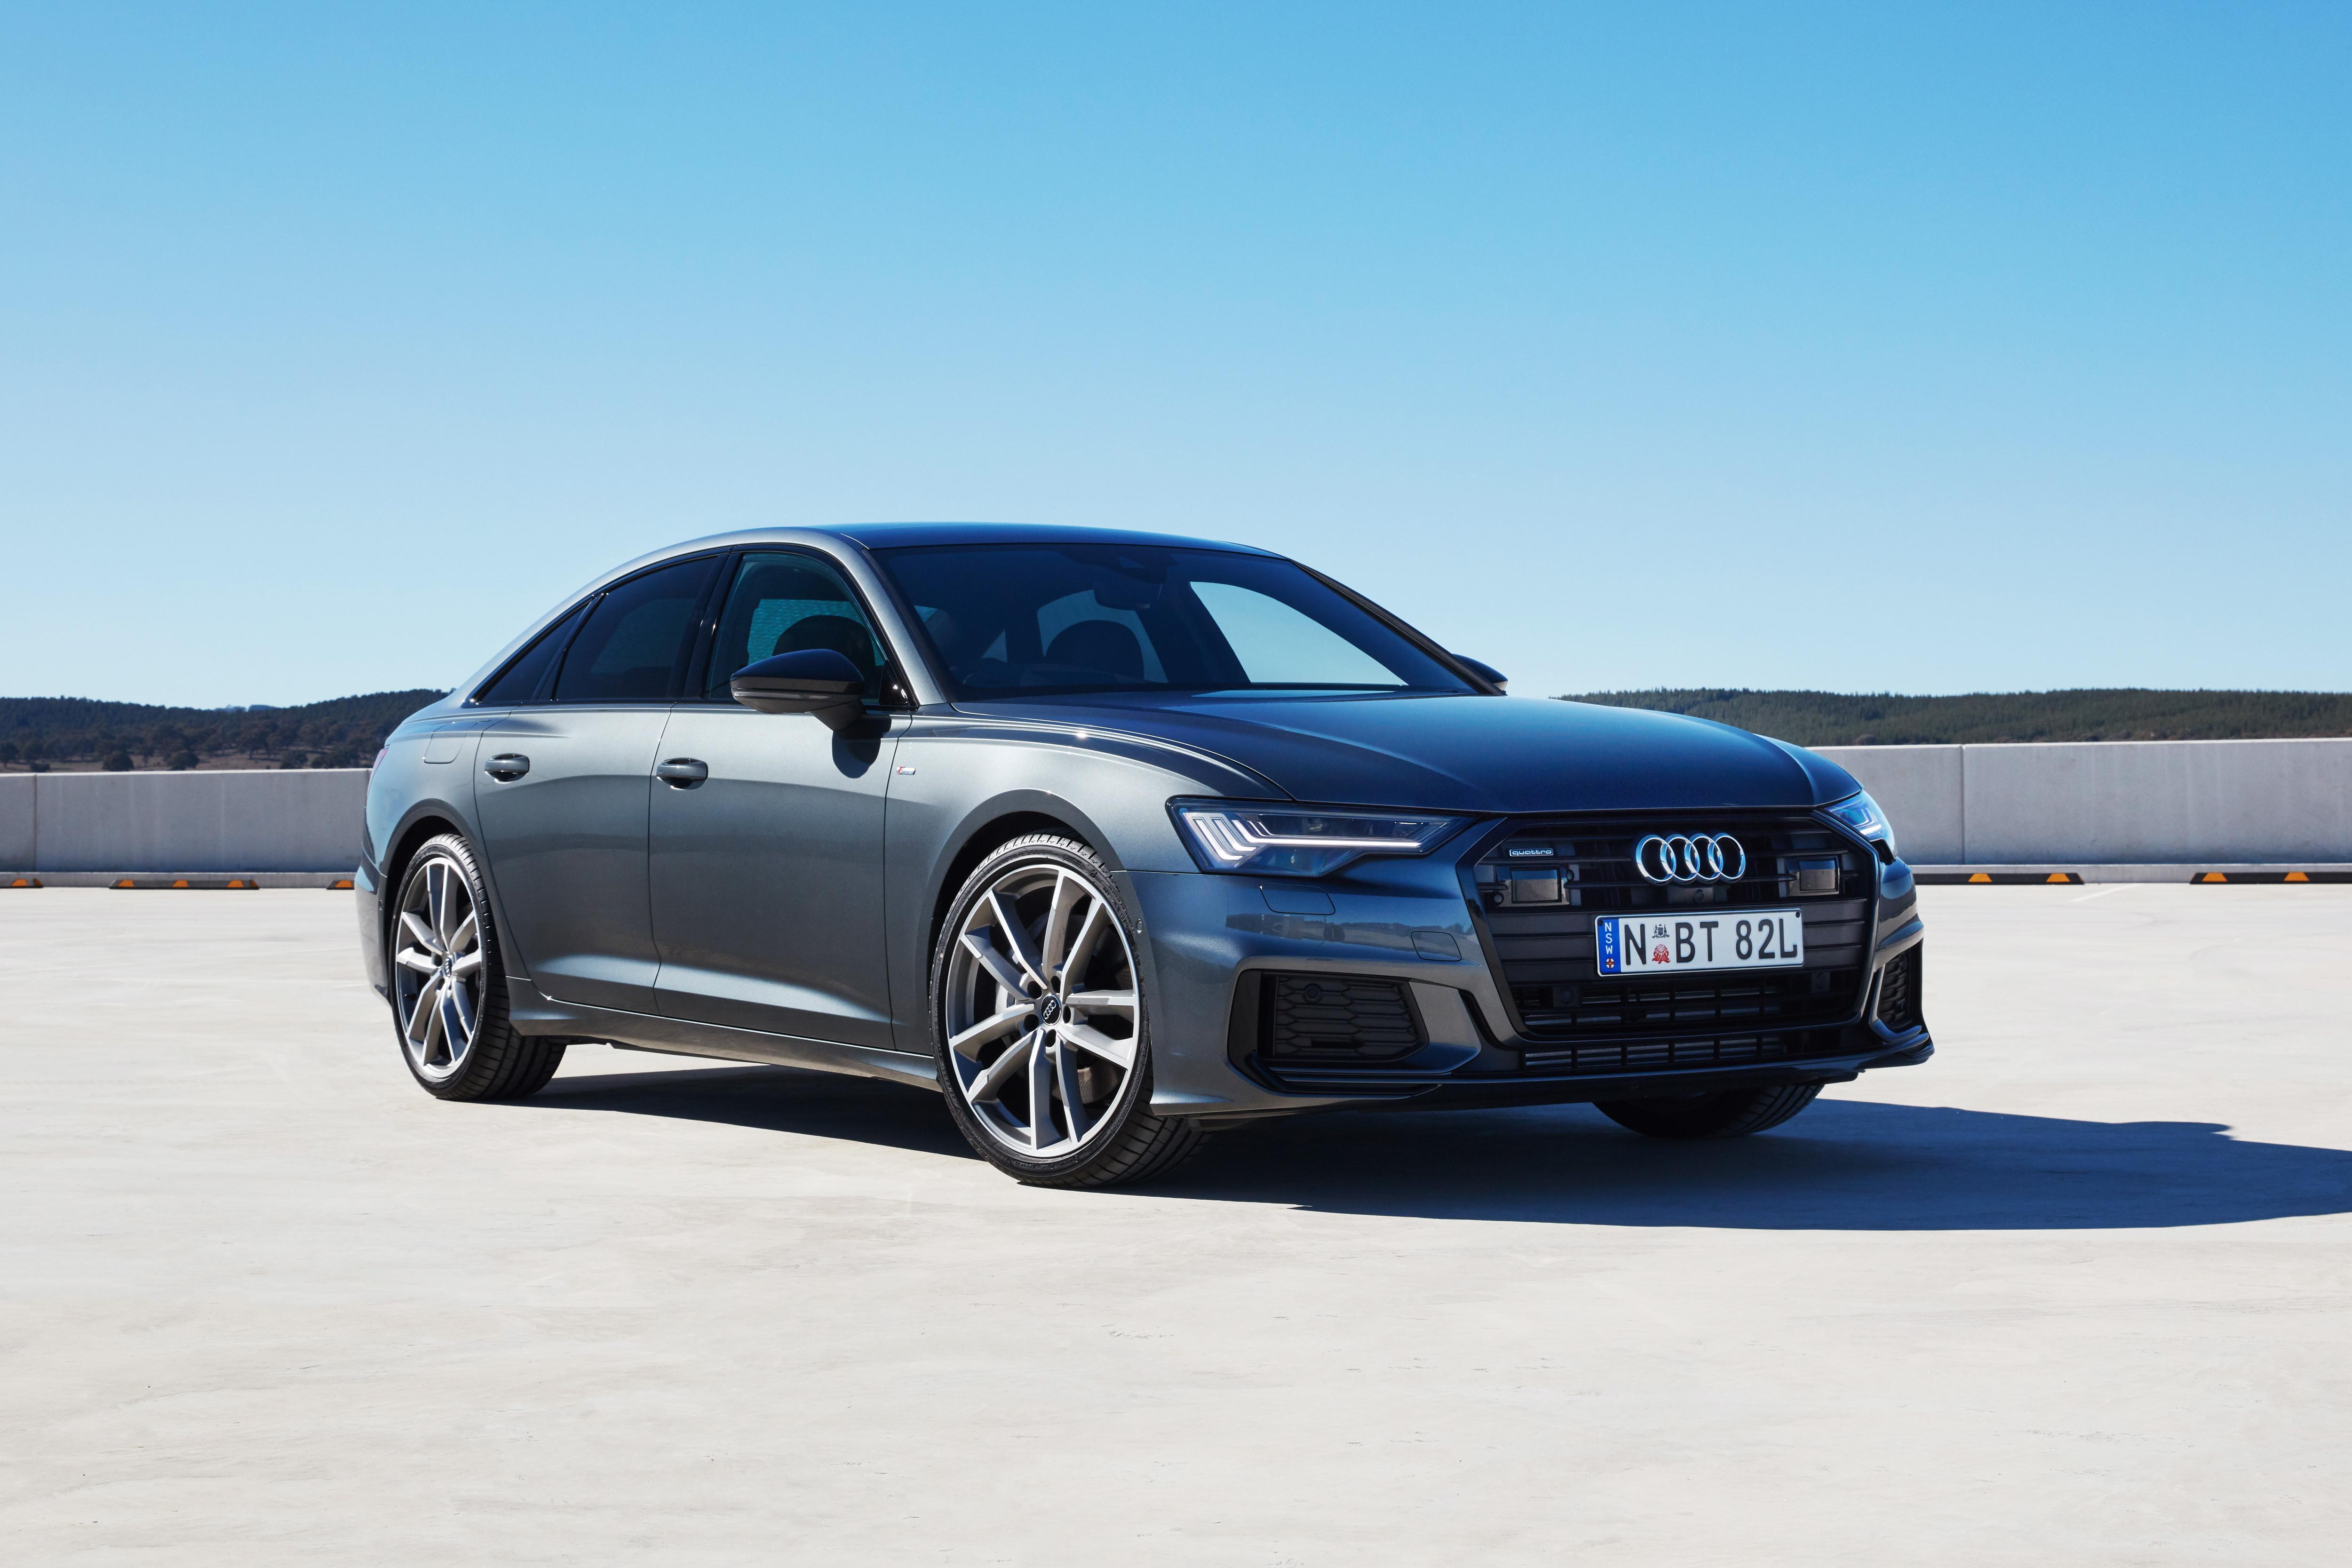 2020 Audi A4, A5, A6, A7 recalled